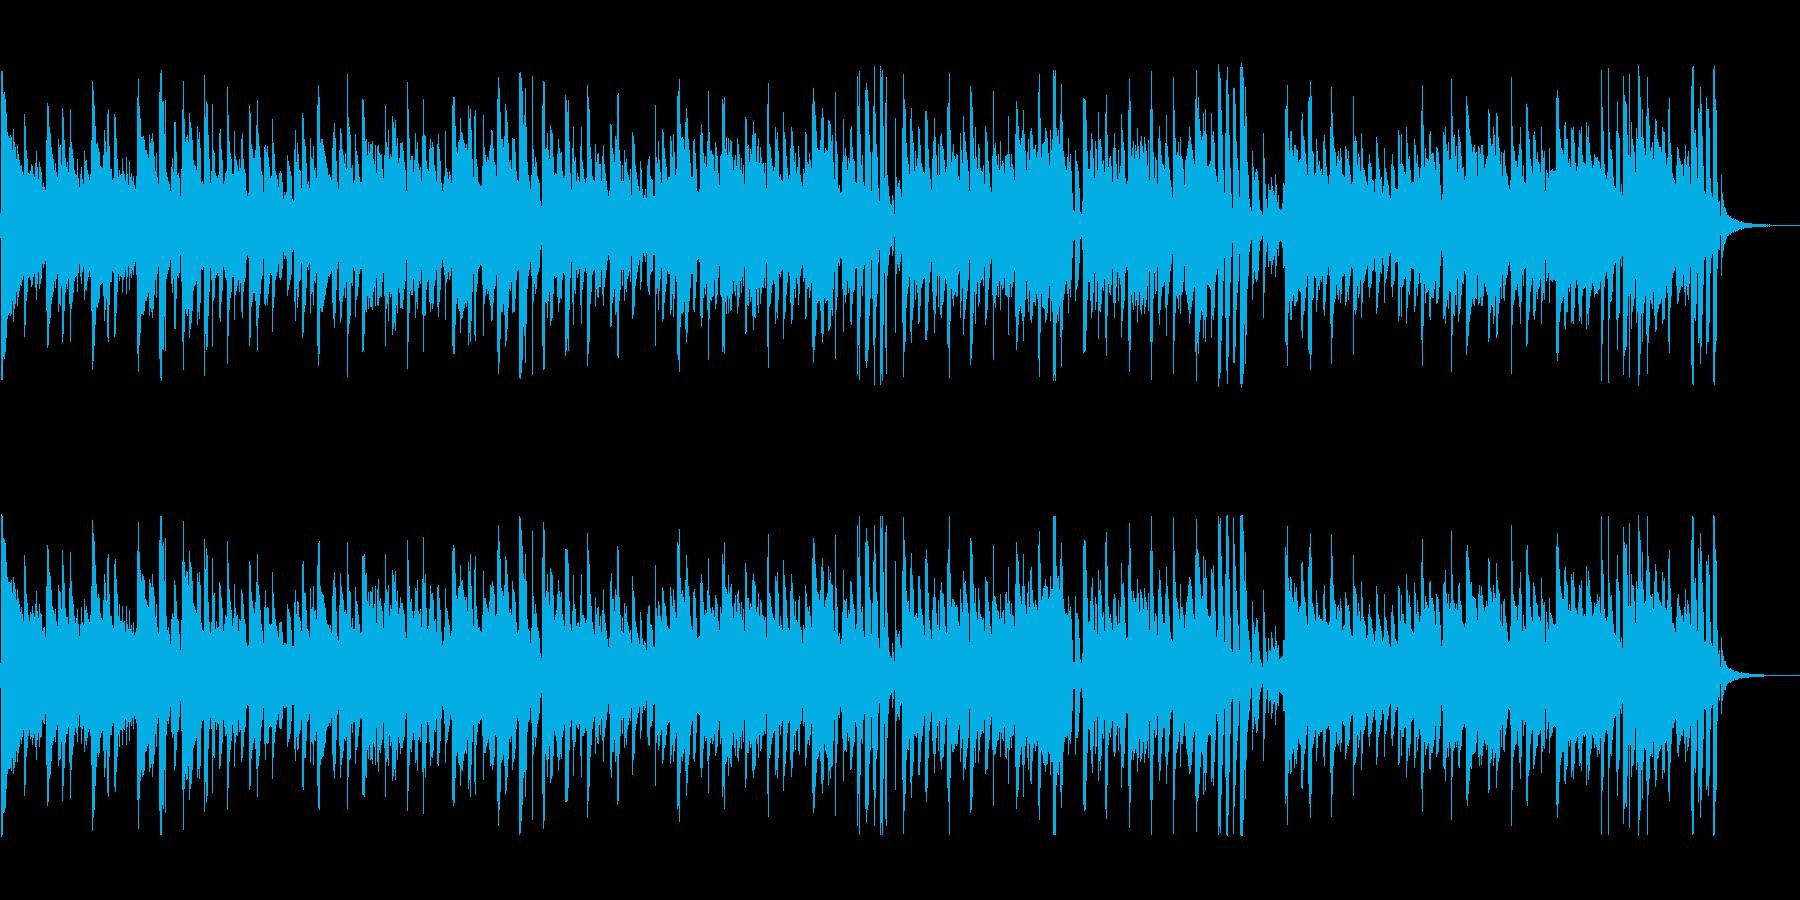 アコーディオンが軽快な映像曲の再生済みの波形